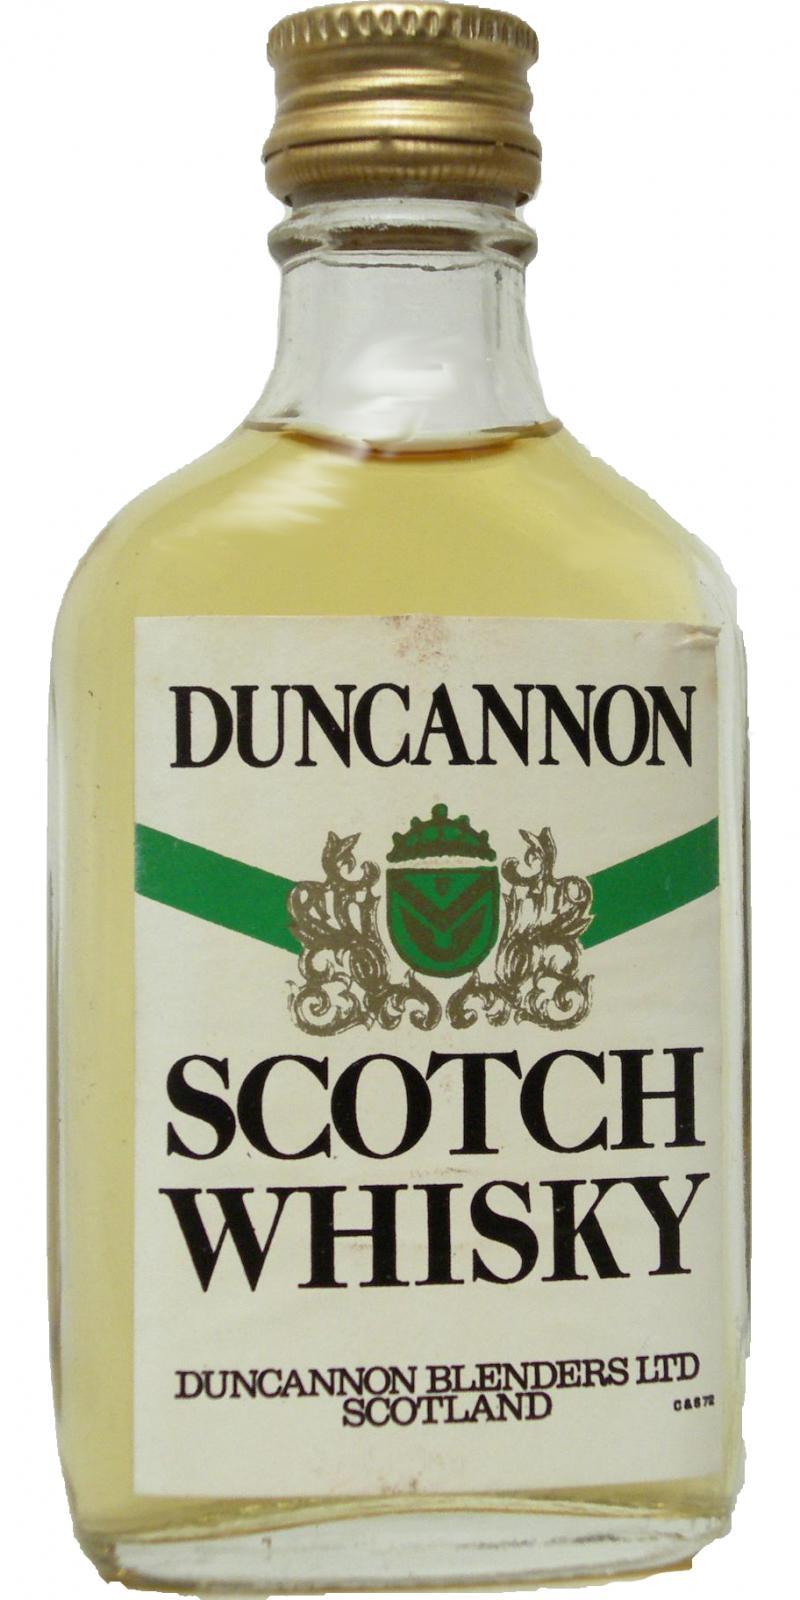 Duncannon Scotch Whisky